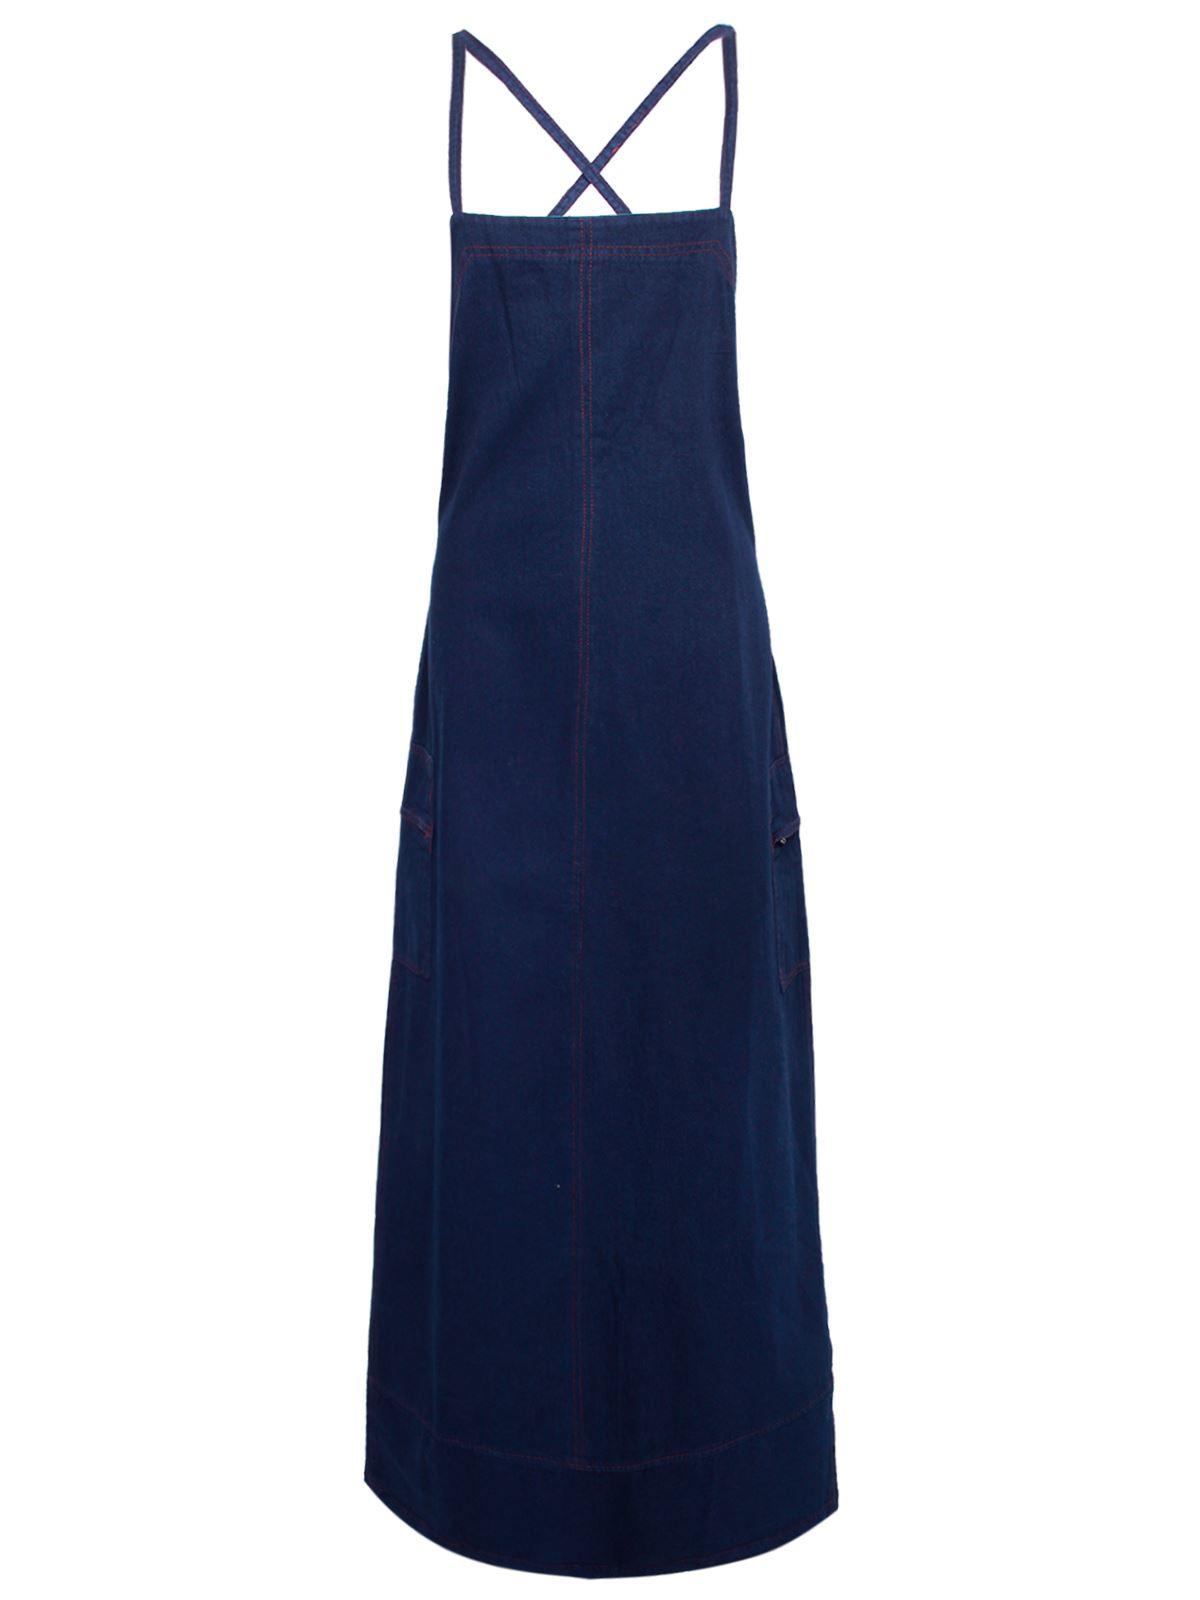 new ladies womens retro vintage denim blue summer cotton jeans long